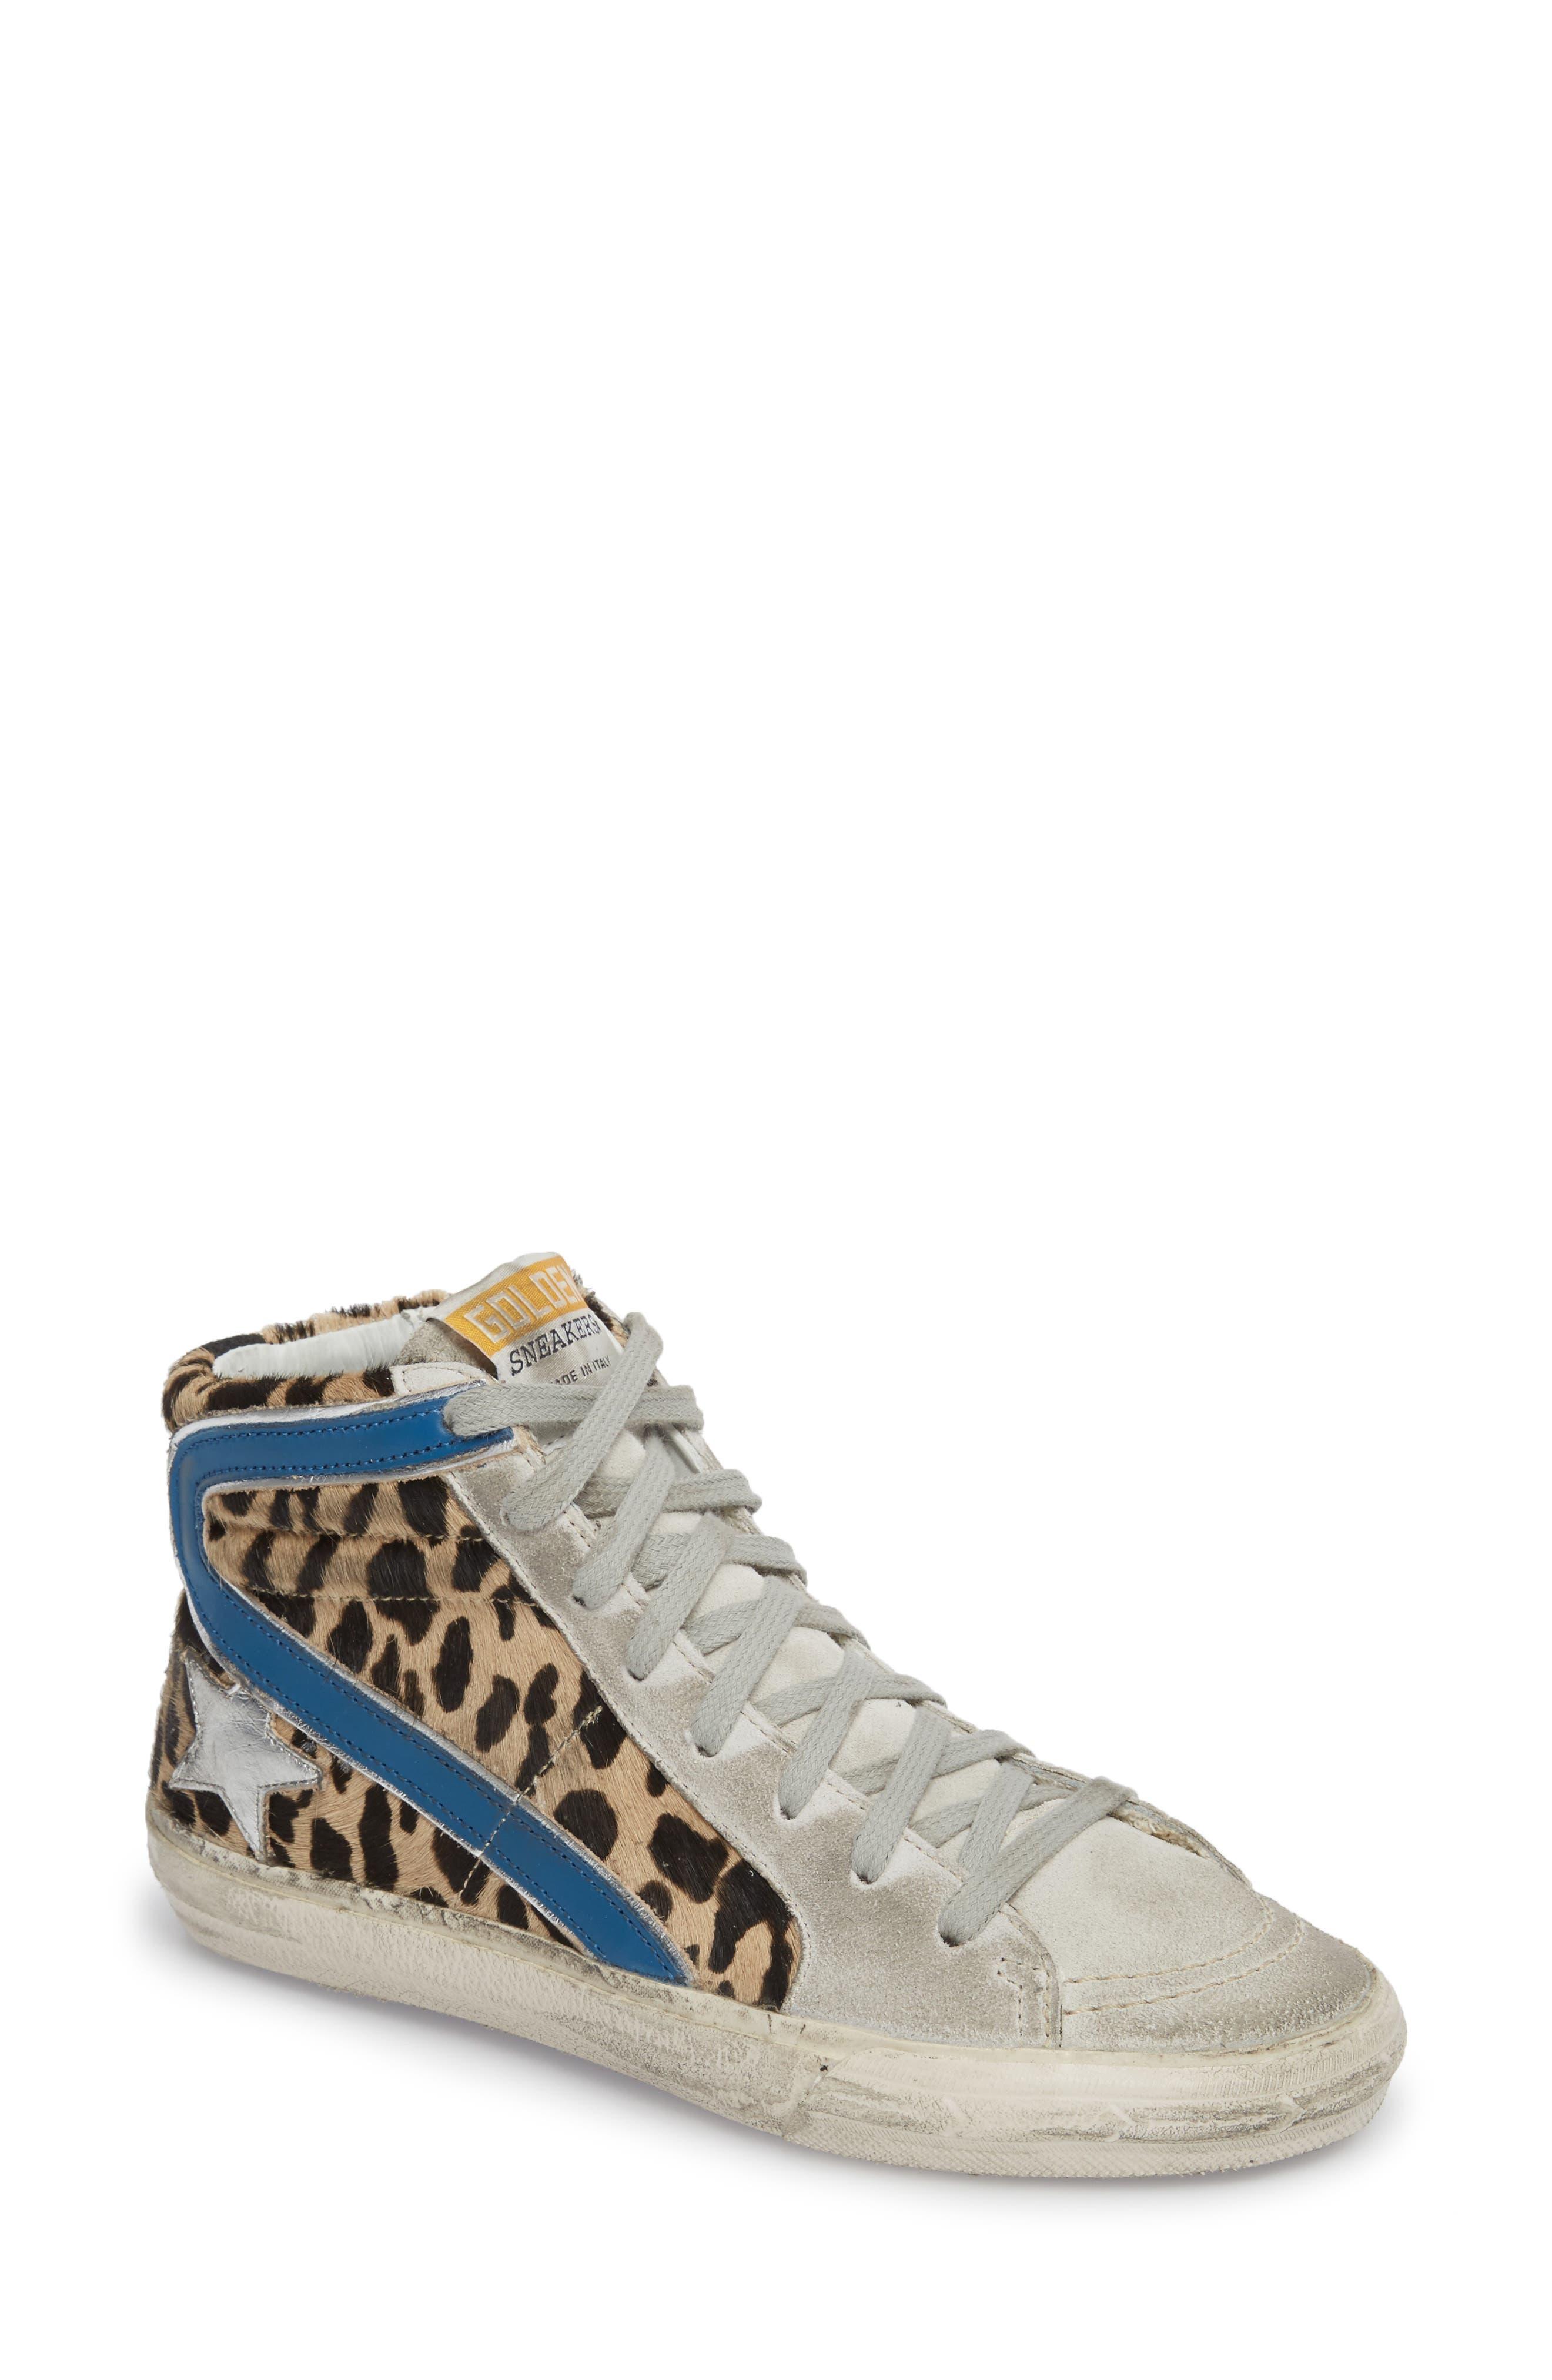 Golden Goose Women's Slide Genuine Calf Hair High Top Sneaker VfTVc2